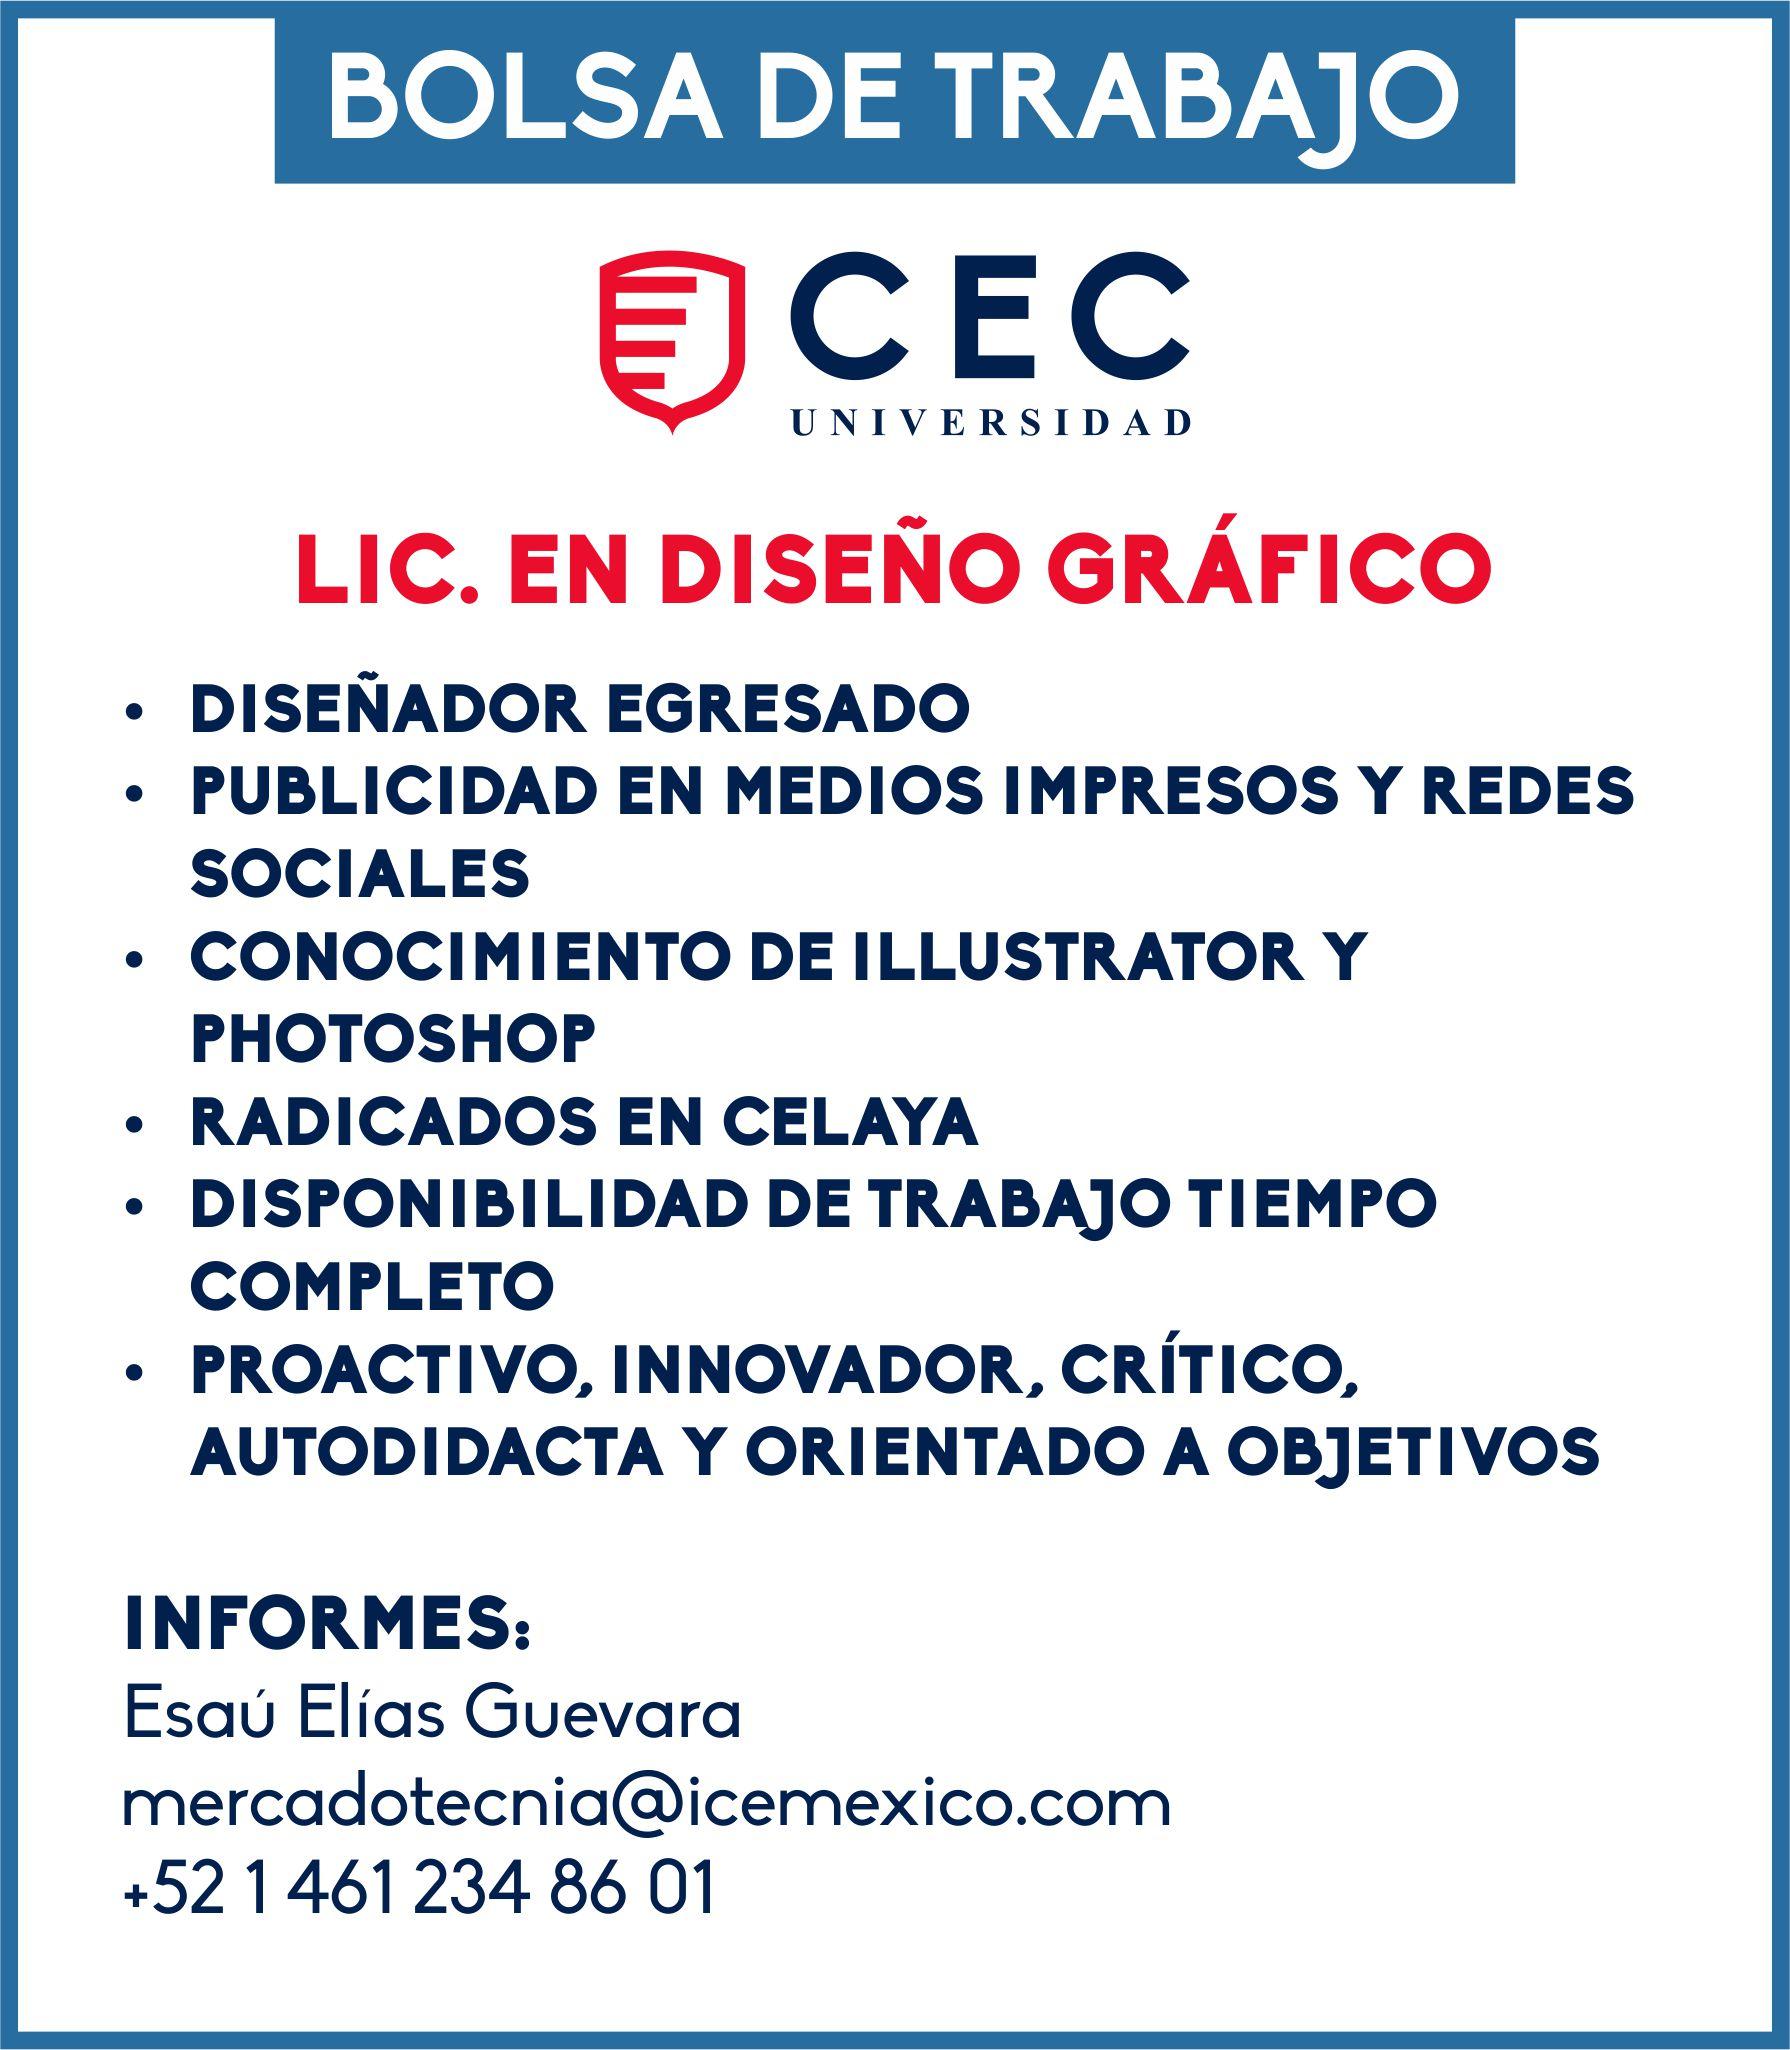 Ofertas de empleo en Querétaro, Secretaría del Trabajo y Previsión Social, Servicio Nacional de Empleo, Portal del Empleo.